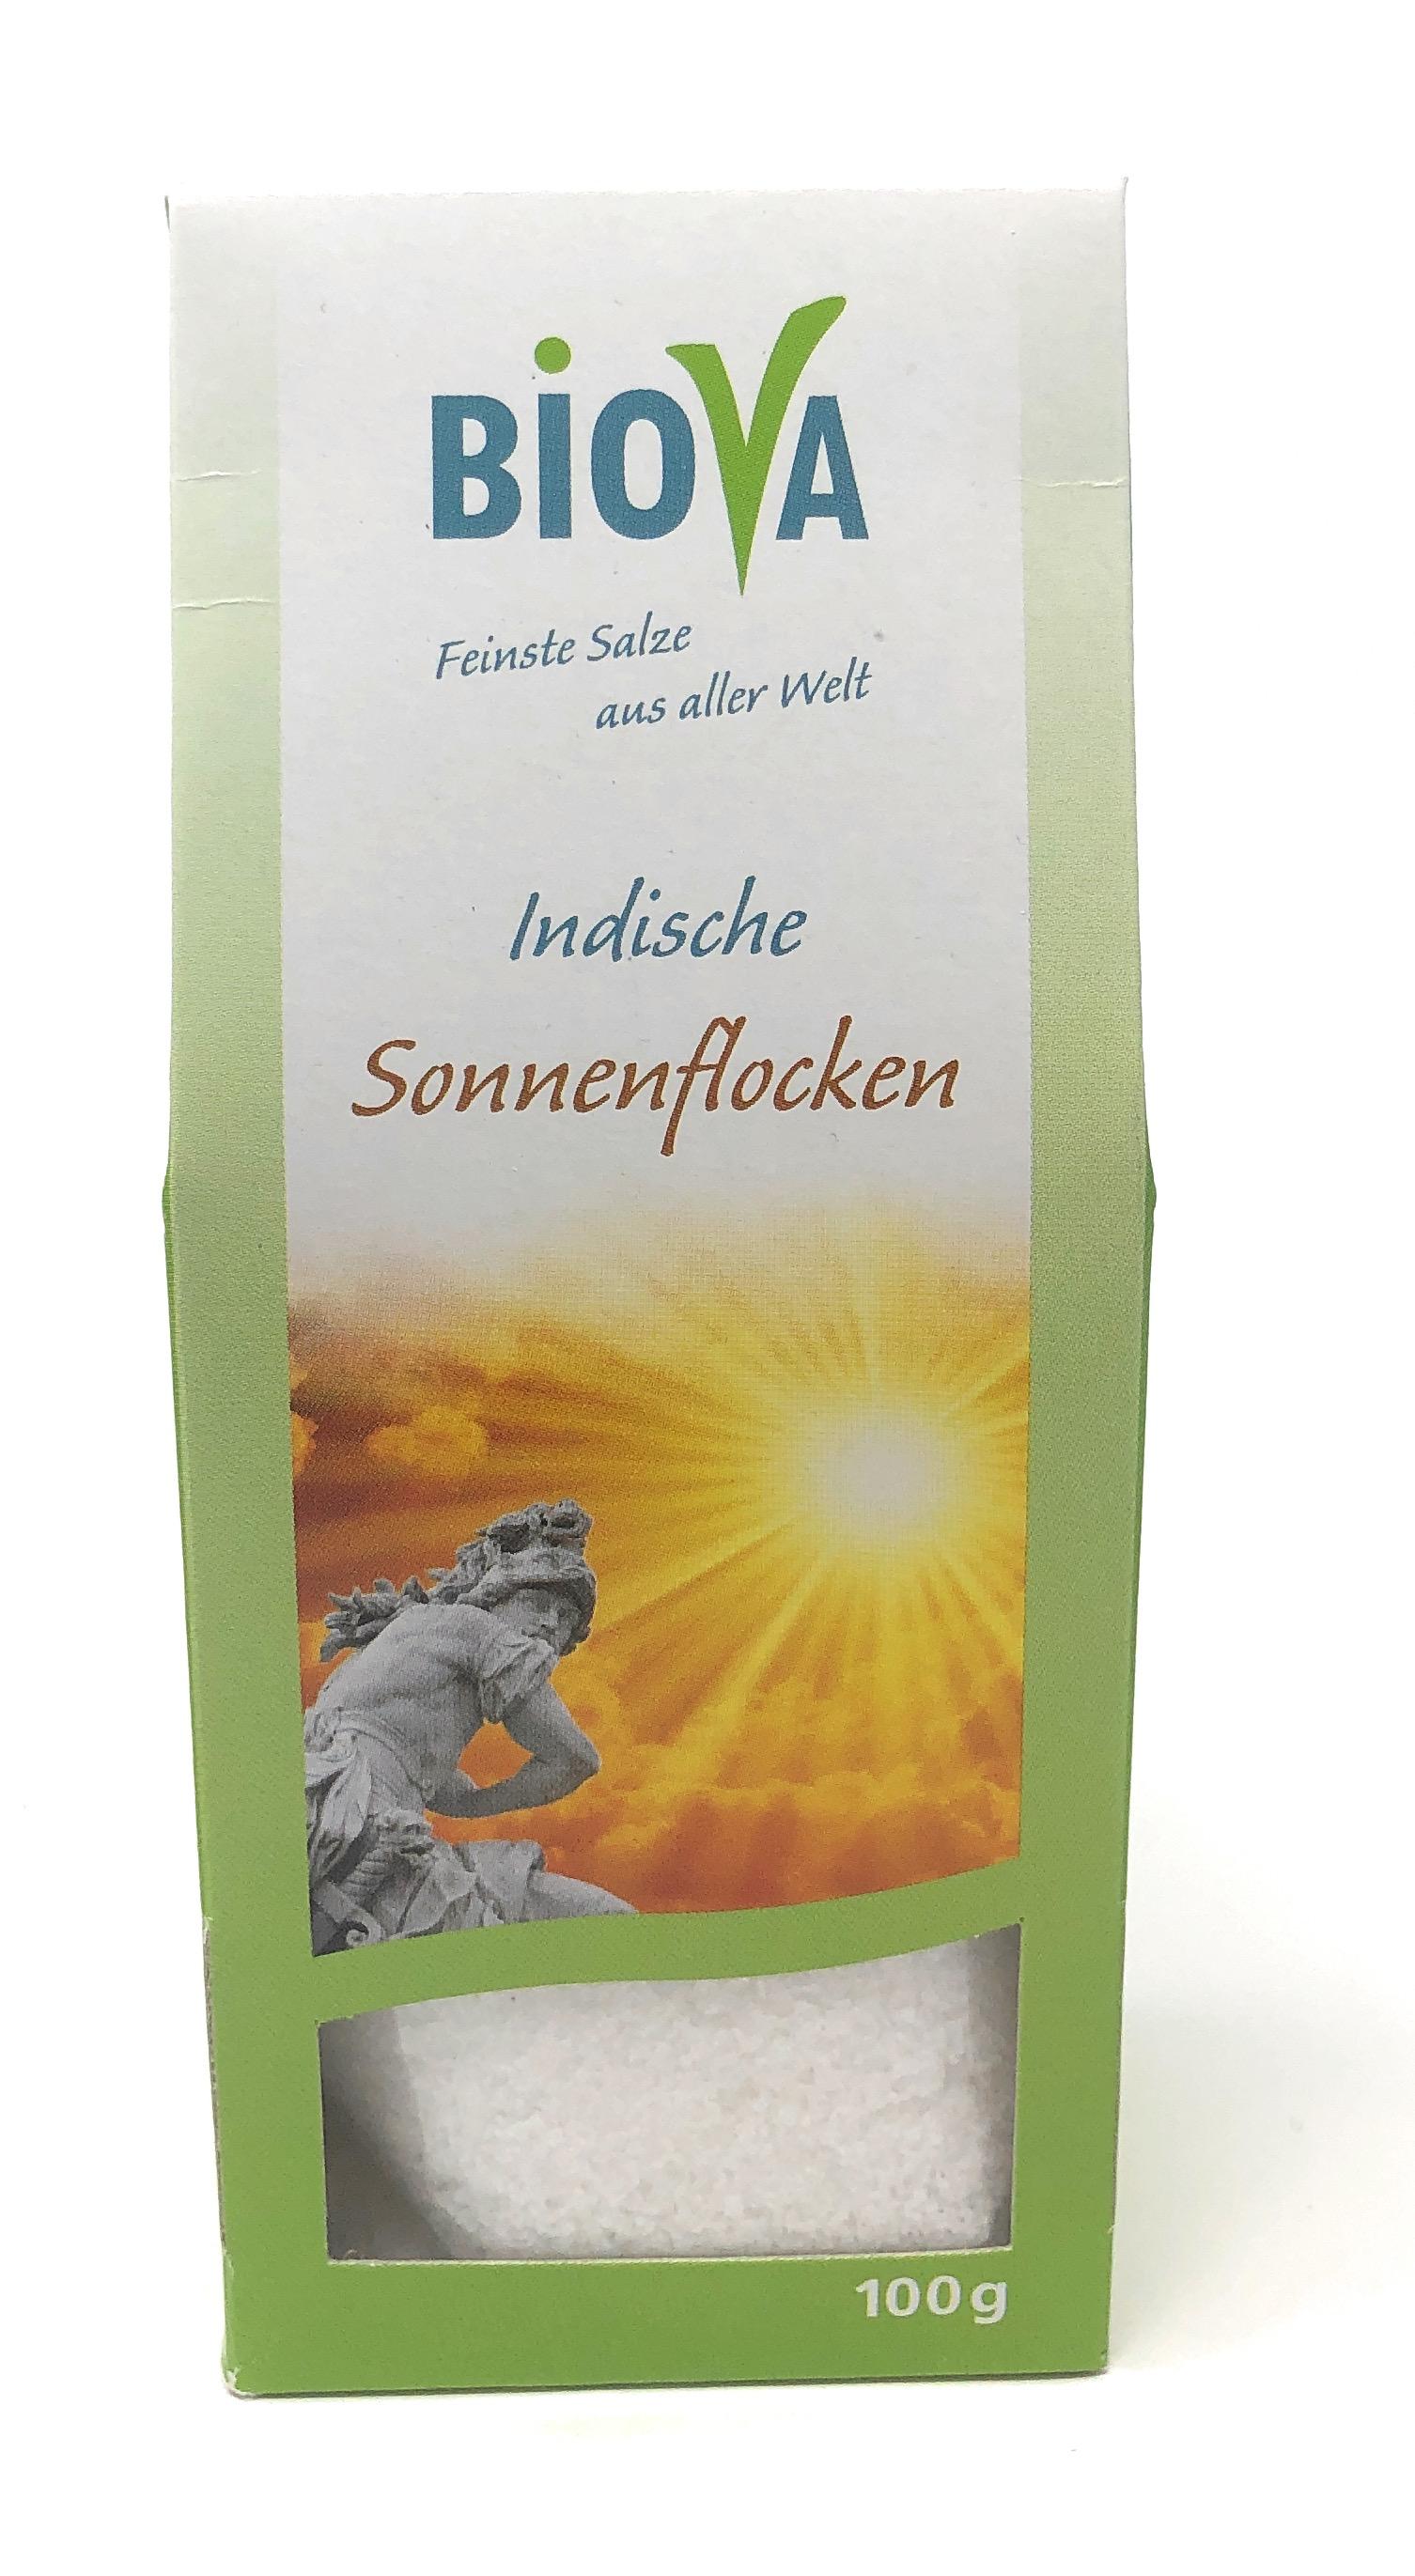 Biova Gourmetsalz Indische Sonnenflocken - Meersalz - 100g Packung